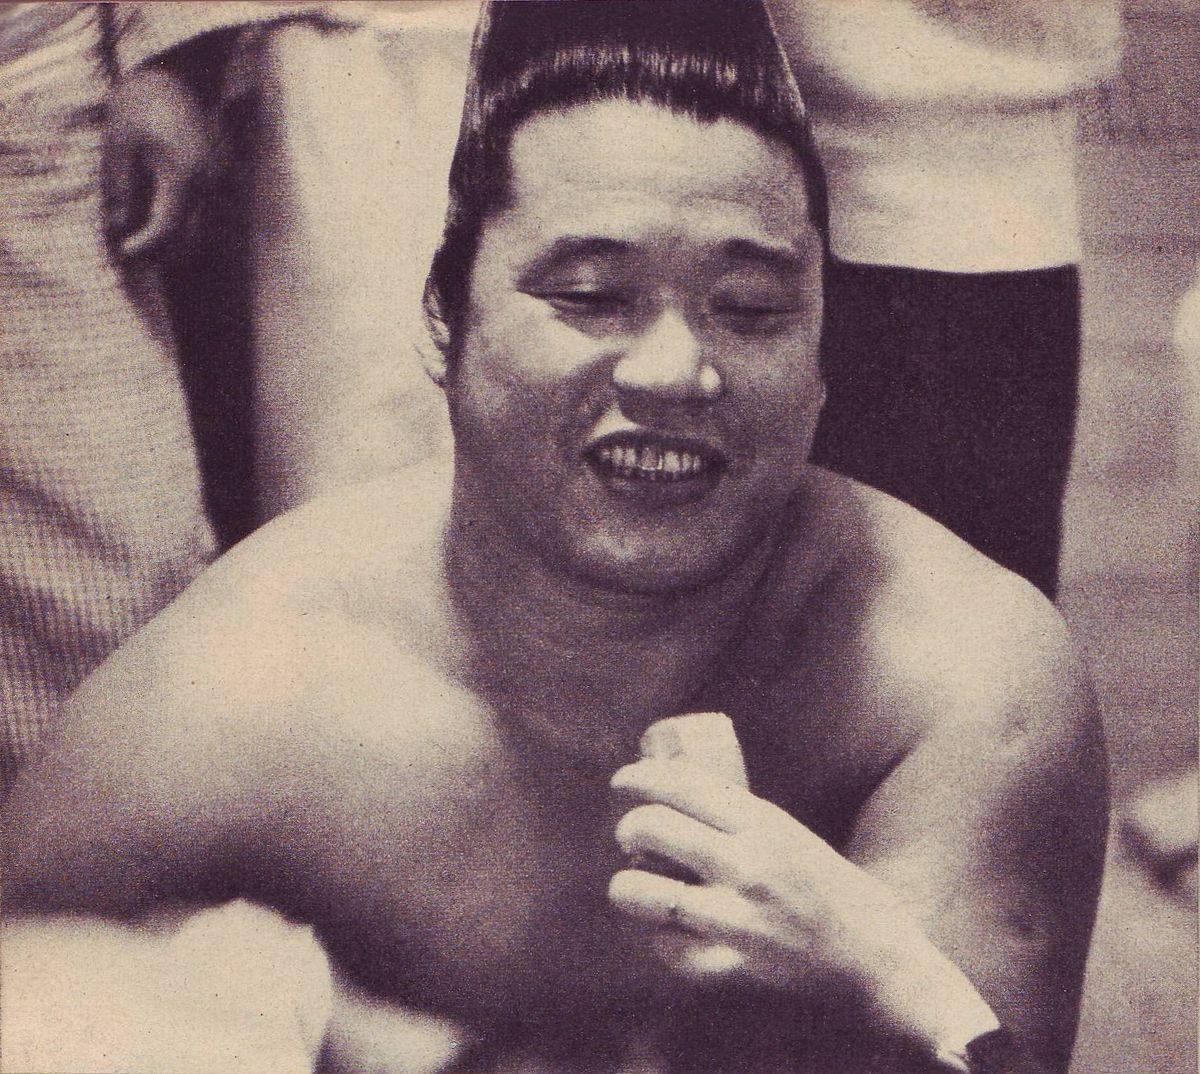 玉乃海太三郎 - Wikipedia